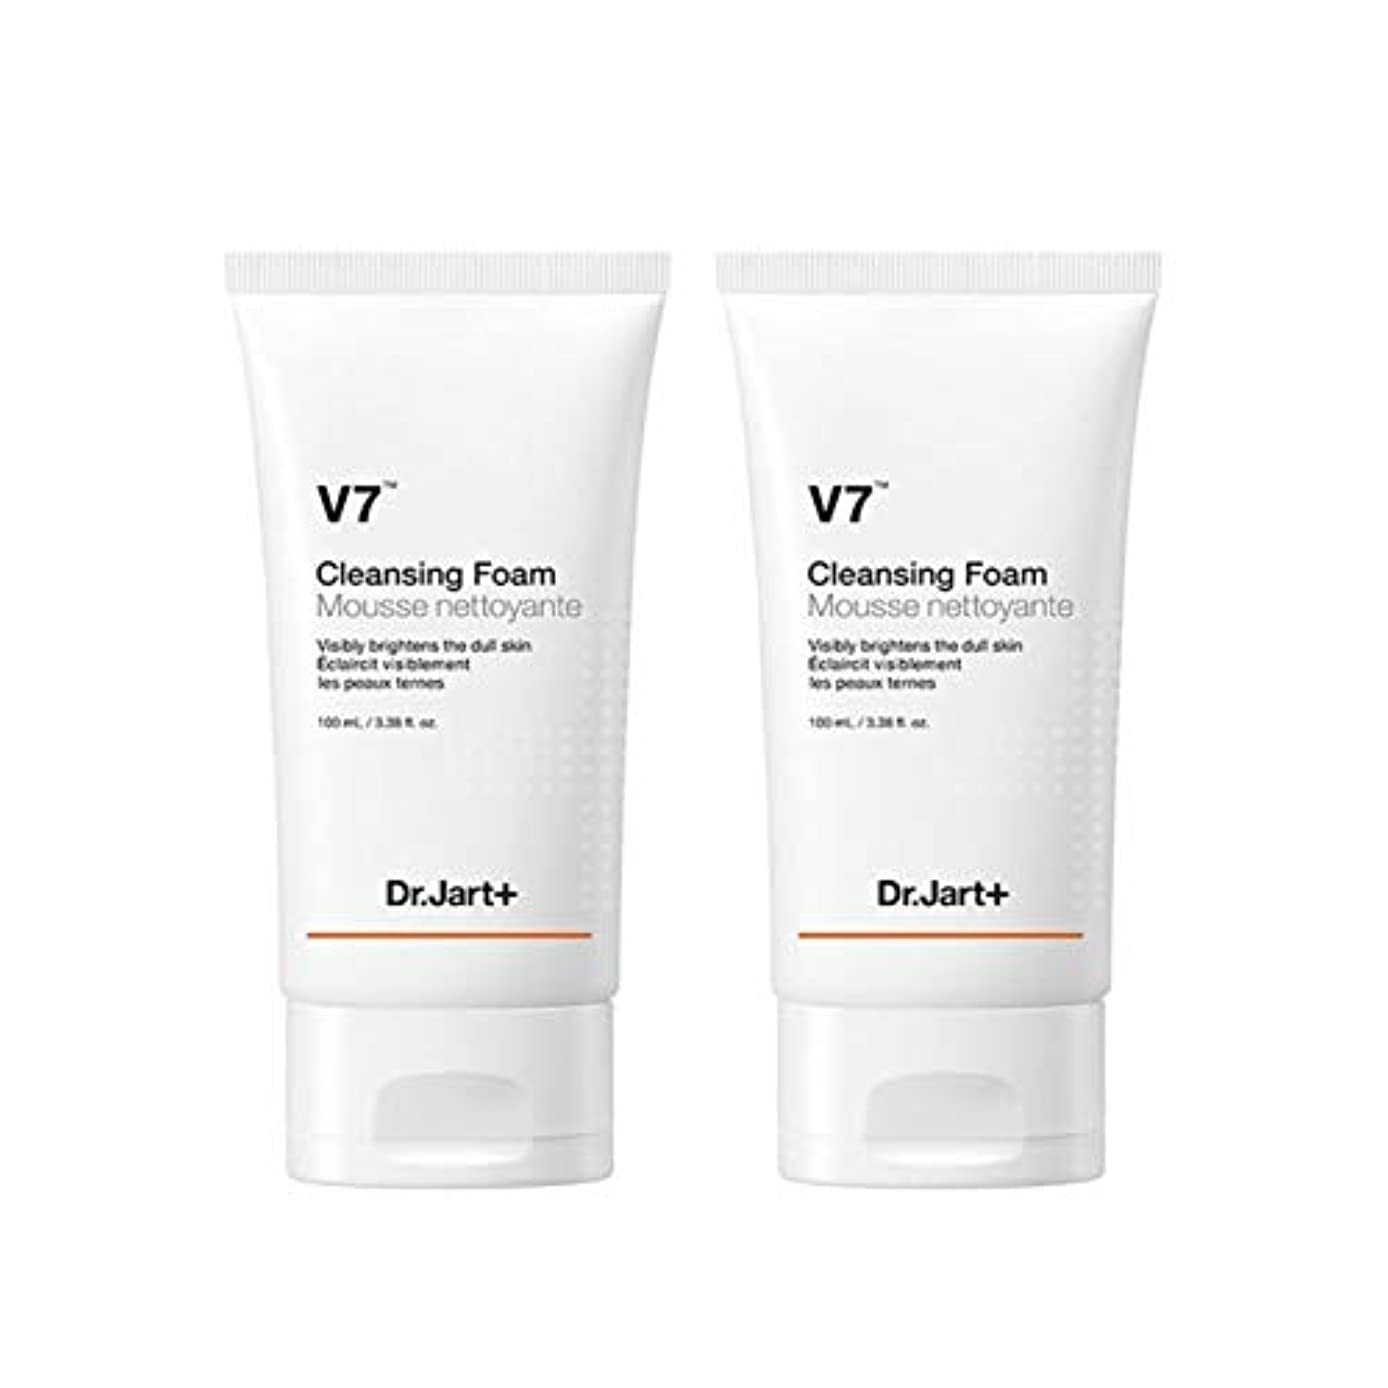 ドクタージャルトゥV7クレンジングフォーム100mlx2本セット韓国コスメ、Dr.Jart V7 Cleansing Foam 100ml x 2ea Set Korean Cosmetics [並行輸入品]